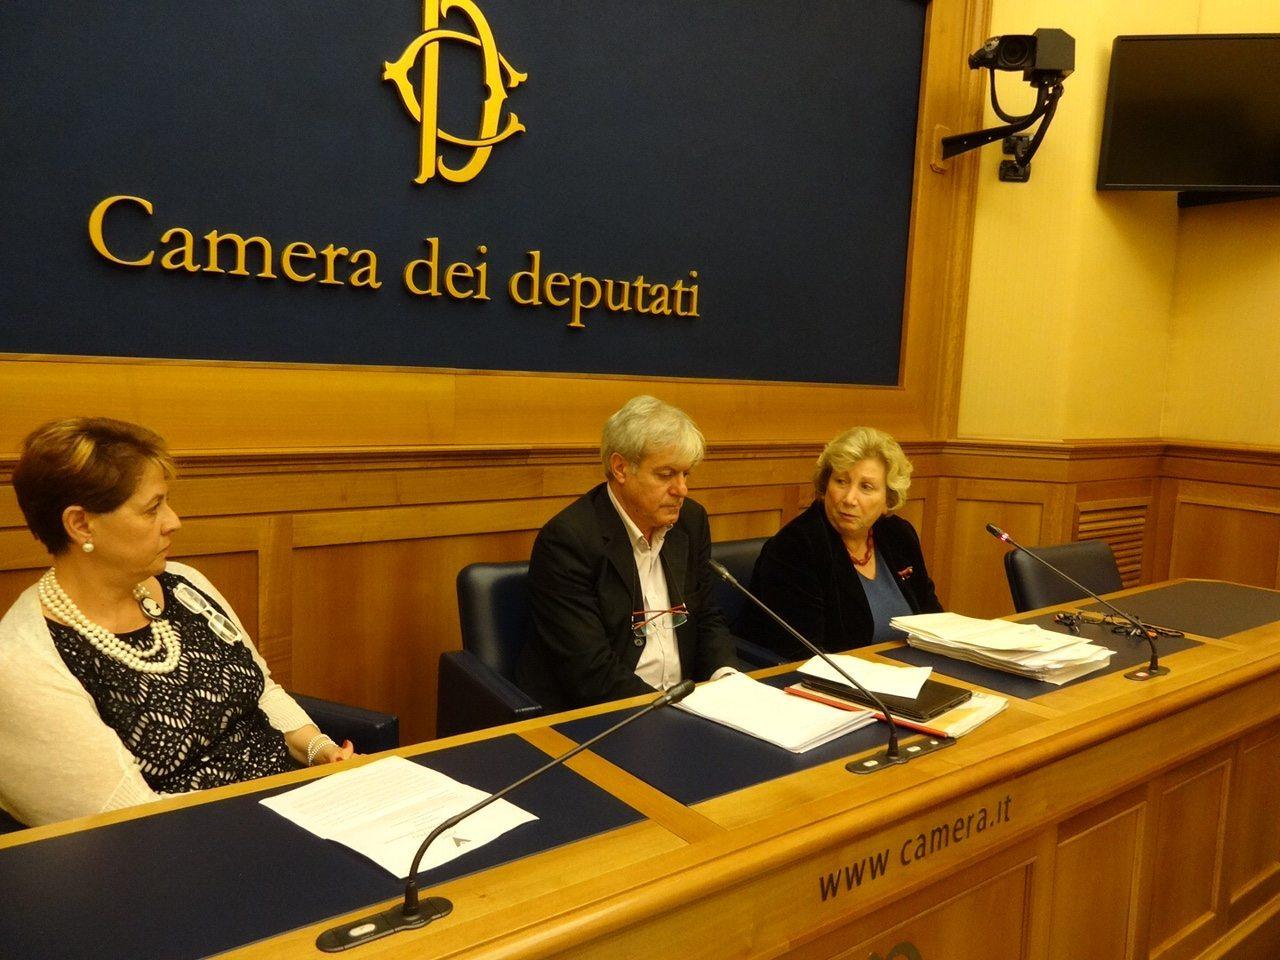 Ripartire dai figli: nella foto Virgilitto, portavoce CEA, Silvia della Monica, presidente CAi e l'On. Edoardo Patriarca